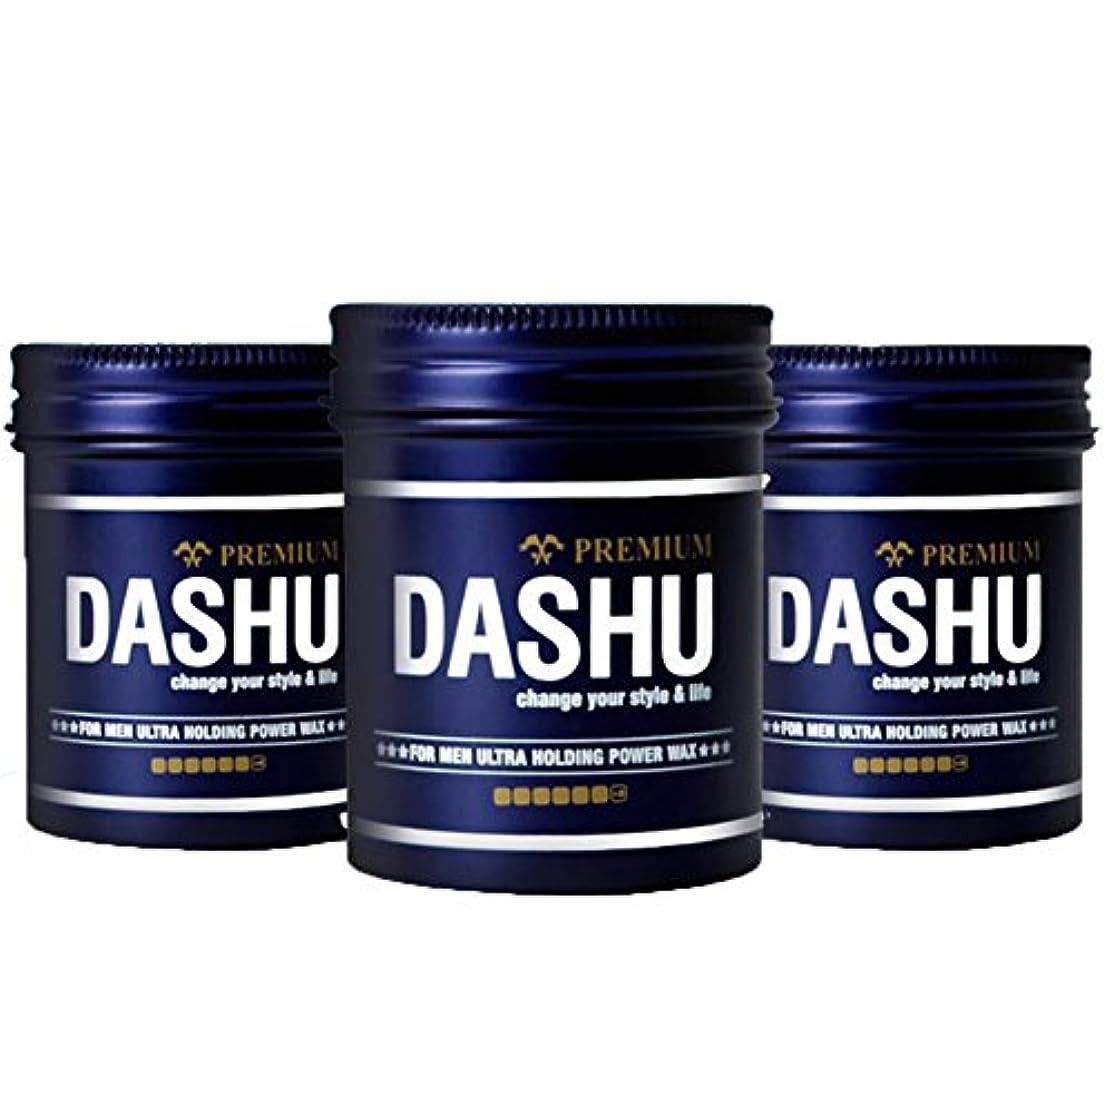 電話に出る防ぐ敗北(3個セット) x [DASHU] ダシュ For Men男性用 プレミアムウルトラホールディングパワーワックス Premium Ultra Holding Power Hair Wax 100m l/ 韓国製 . 韓国直送品